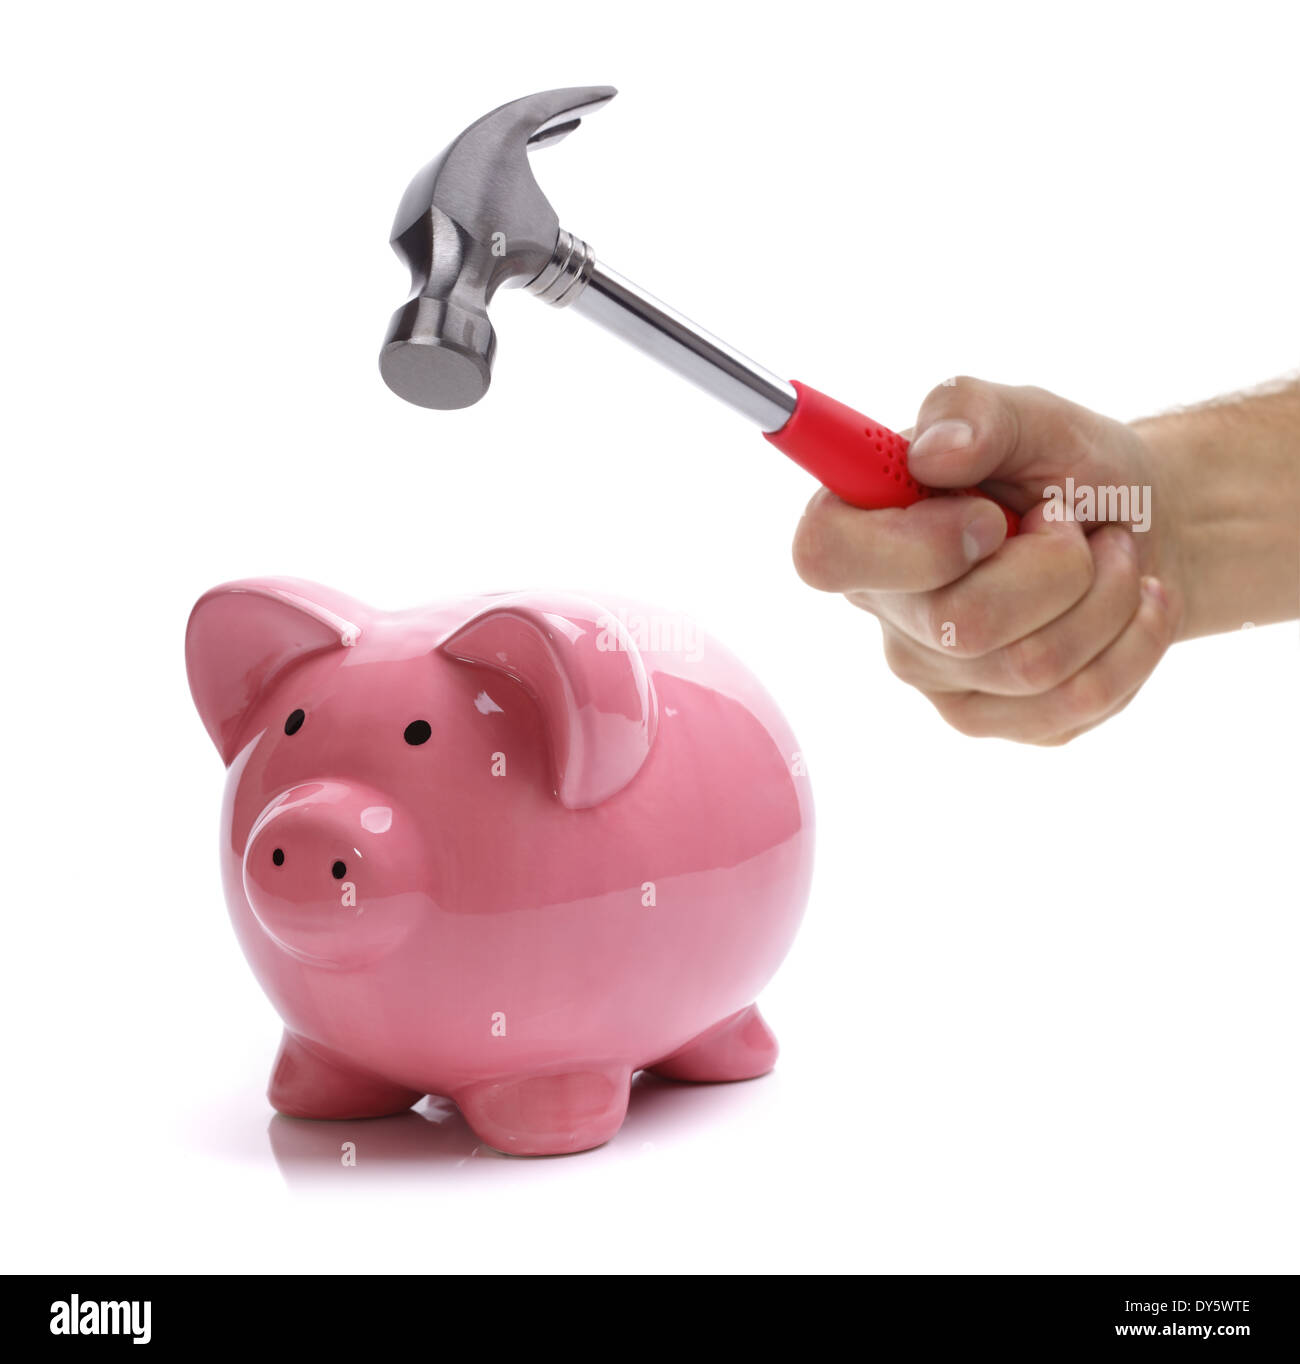 Obtención de ahorros Imagen De Stock